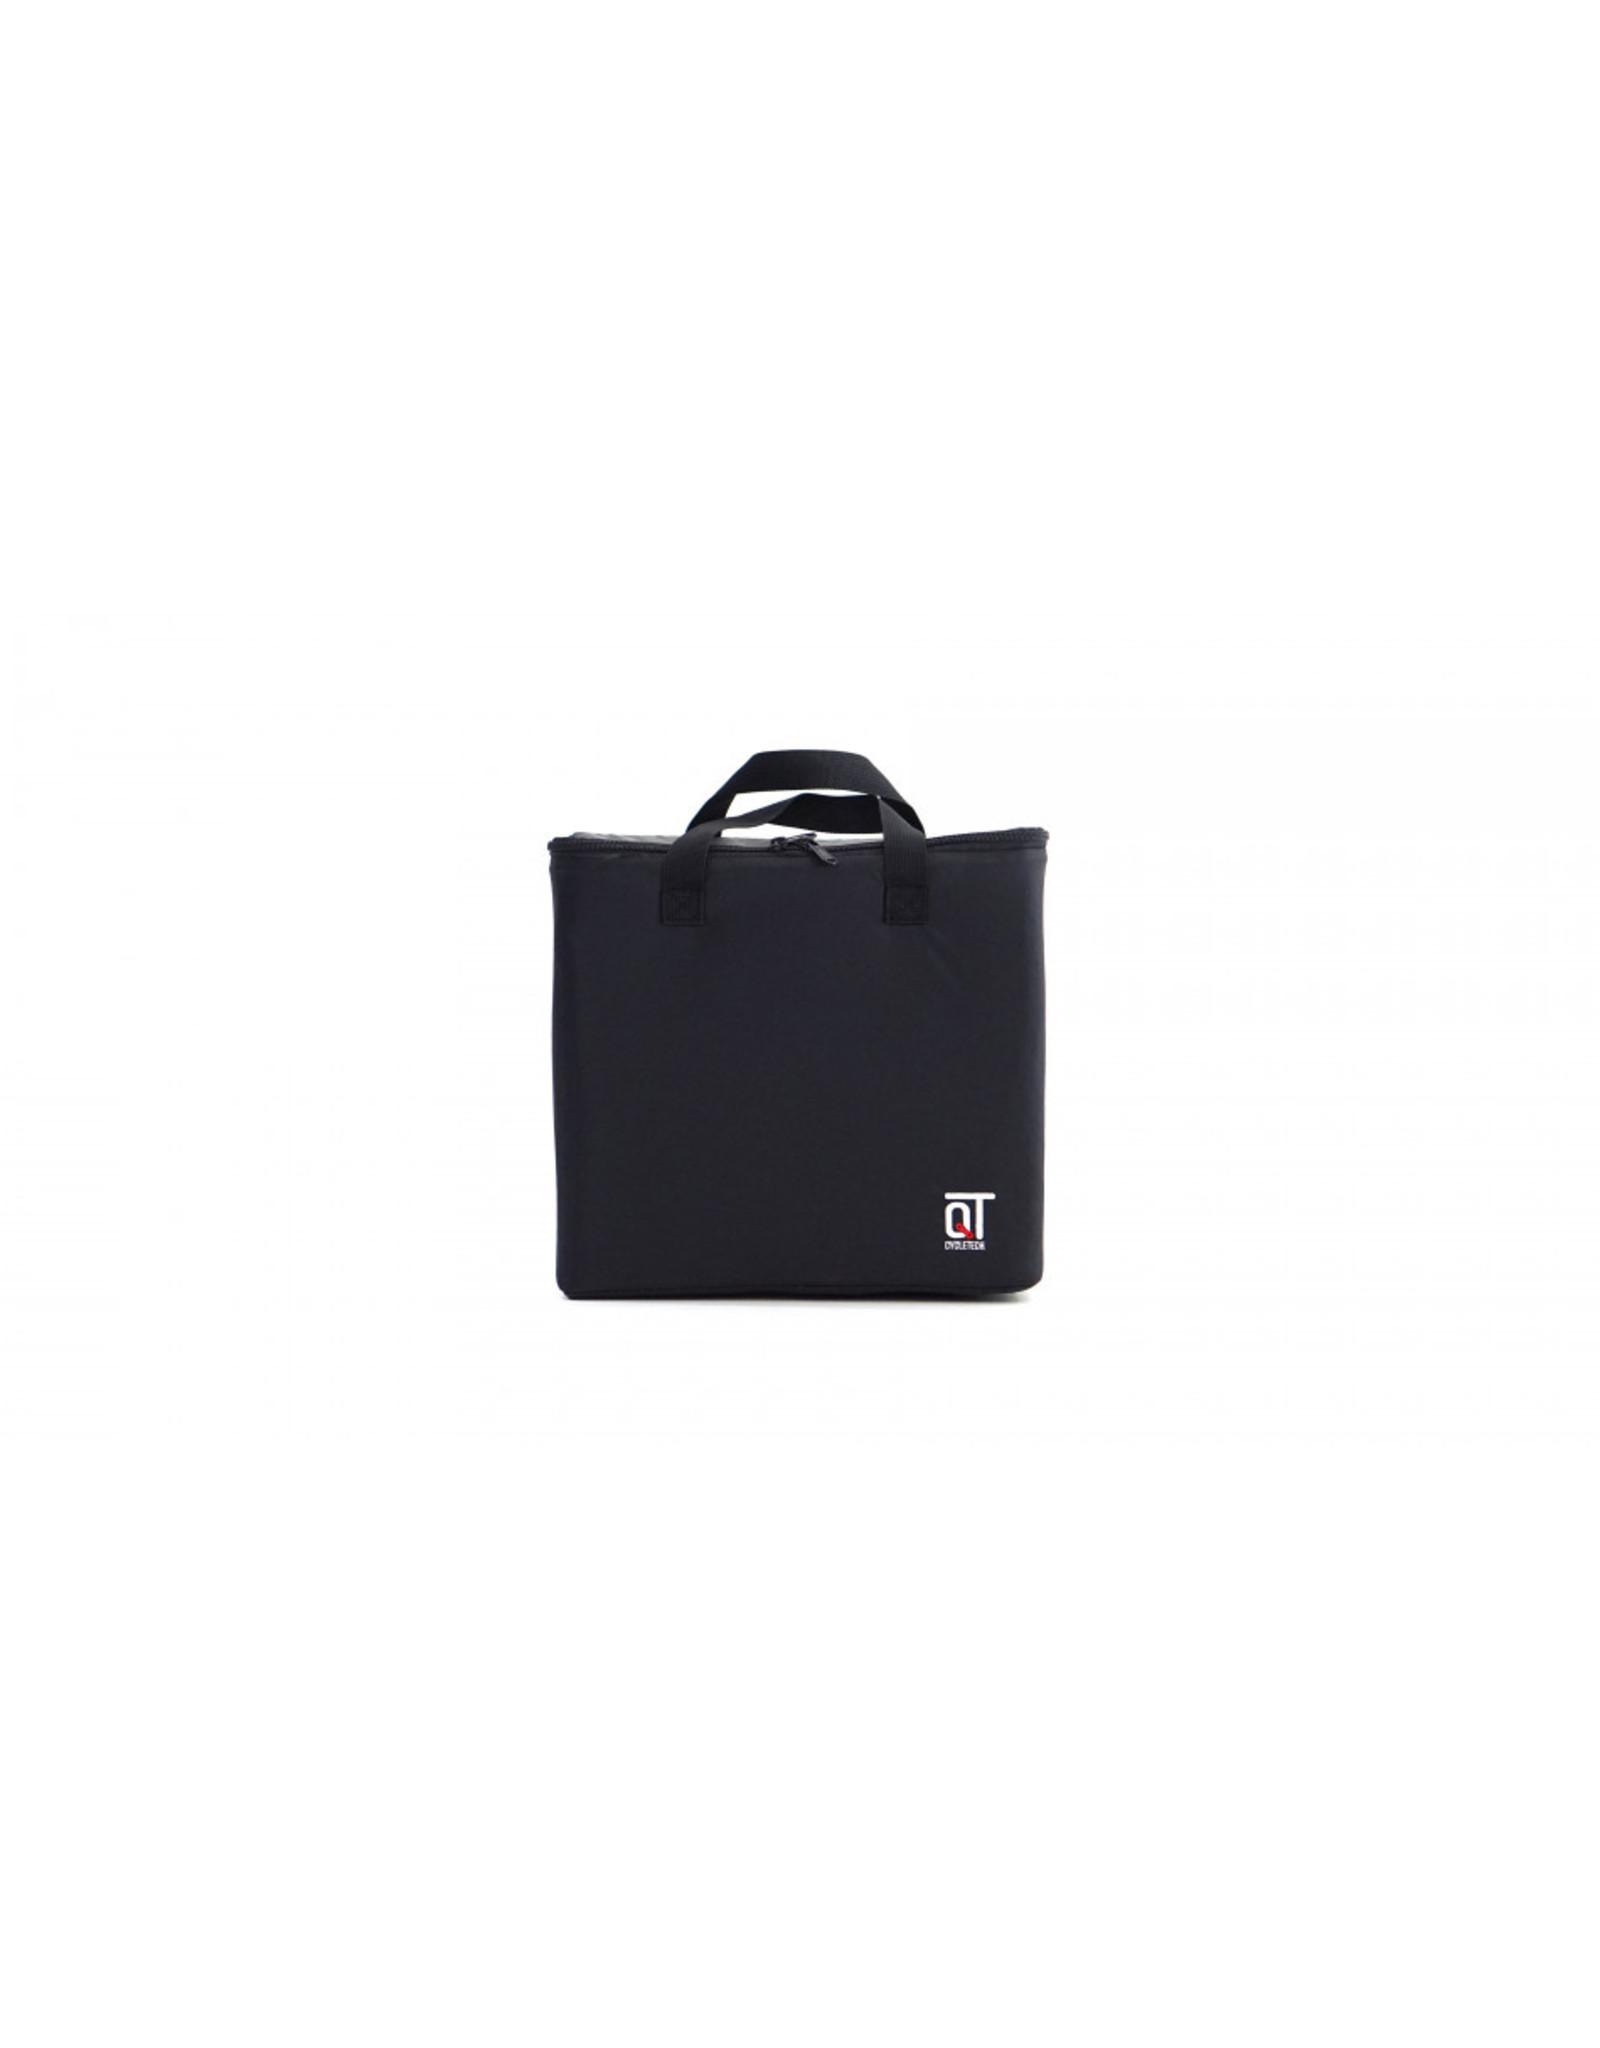 QT Cooler bag